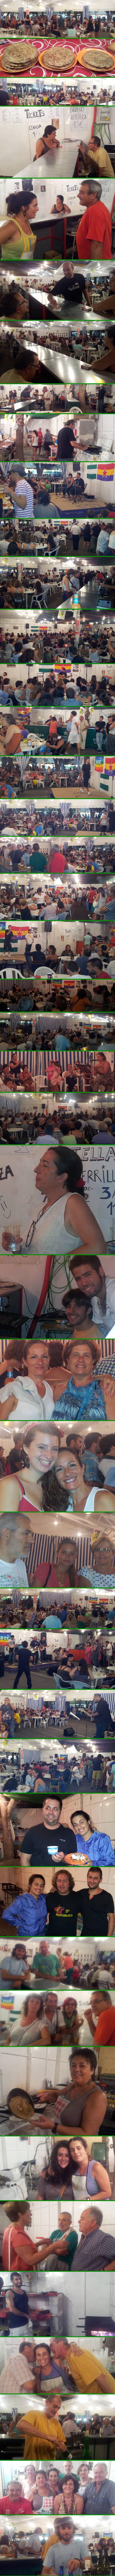 20120817212716-4-vert.jpg